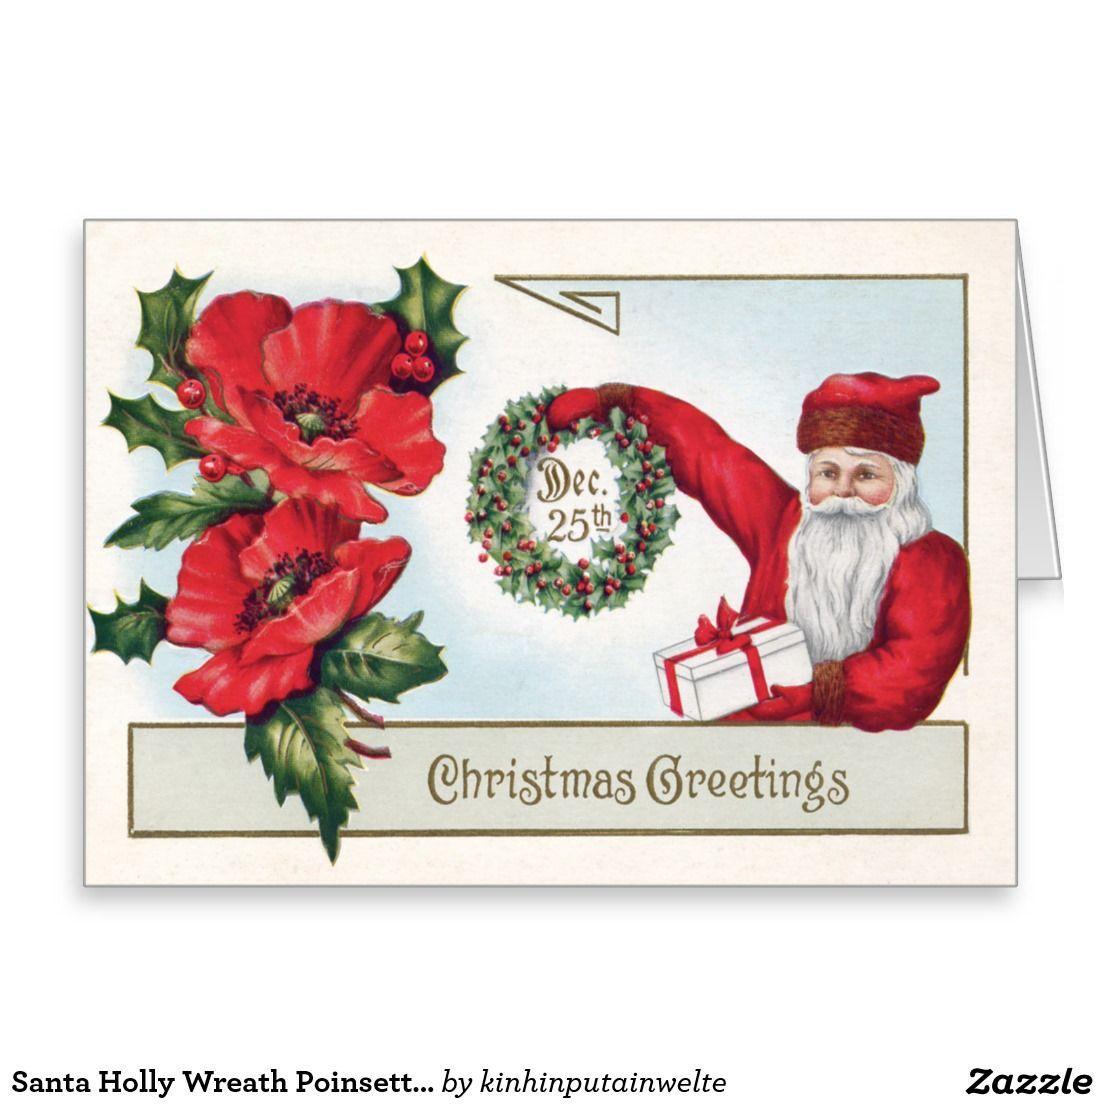 Santa Holly Wreath Poinsettia Present Dec 25th Greeting Card